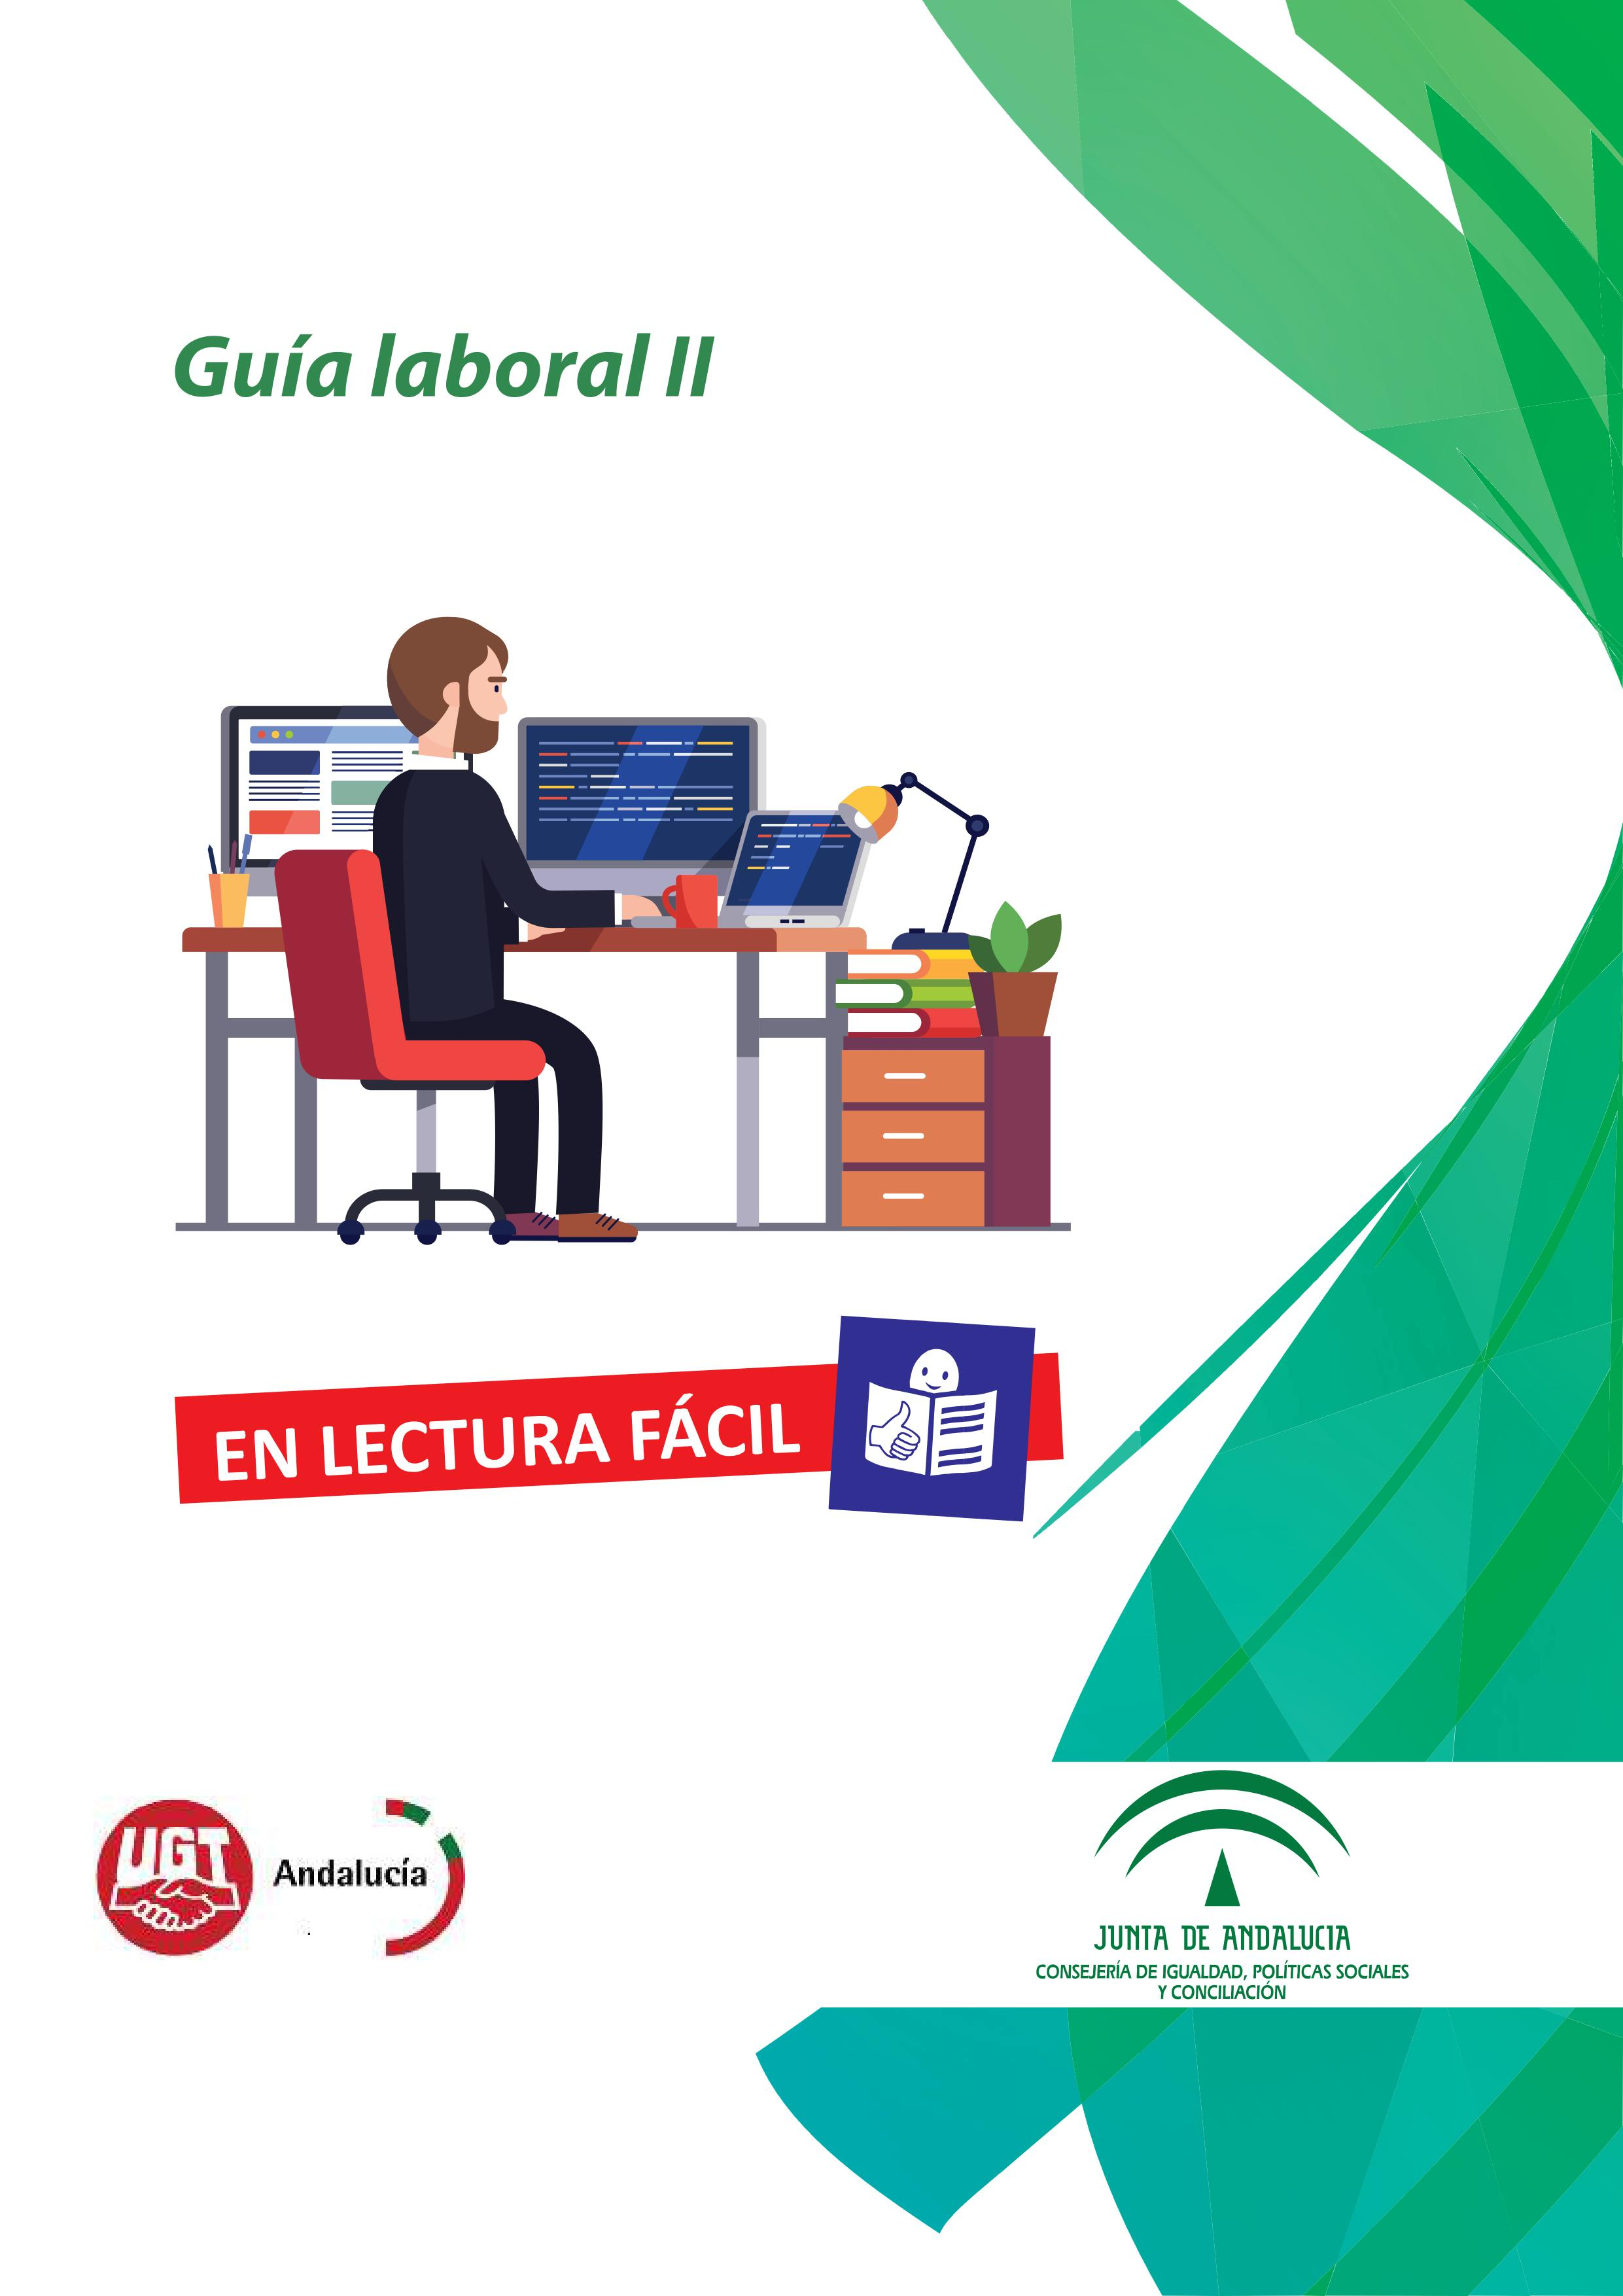 Adaptación de la Guía Laboral II de UGT Andalucía